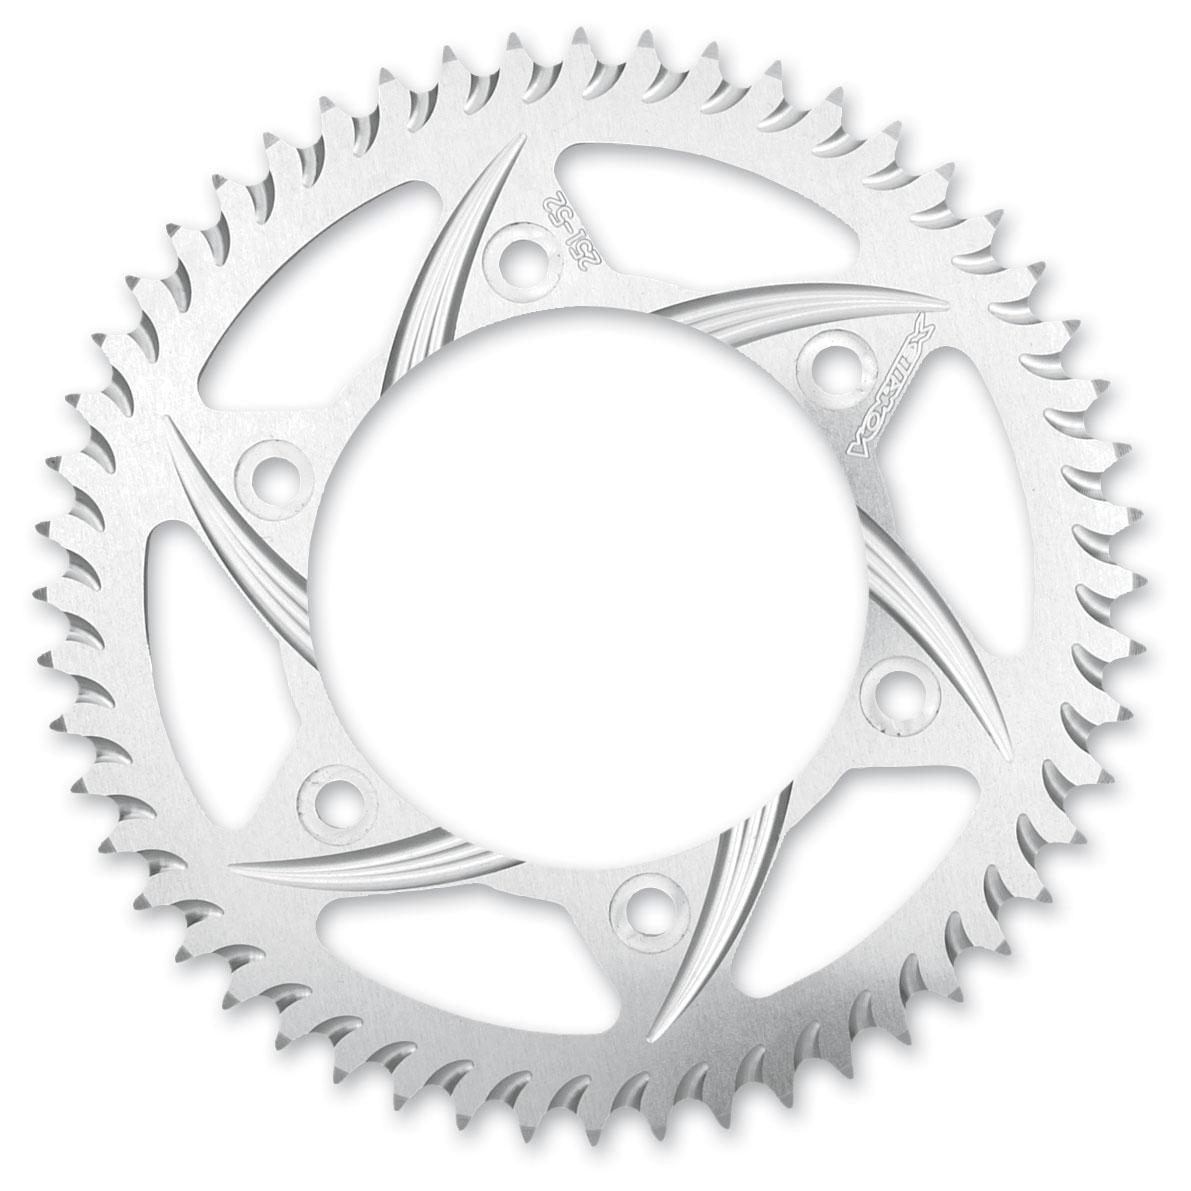 Vortex Rear Sprocket 520 Conversion 50T Silver